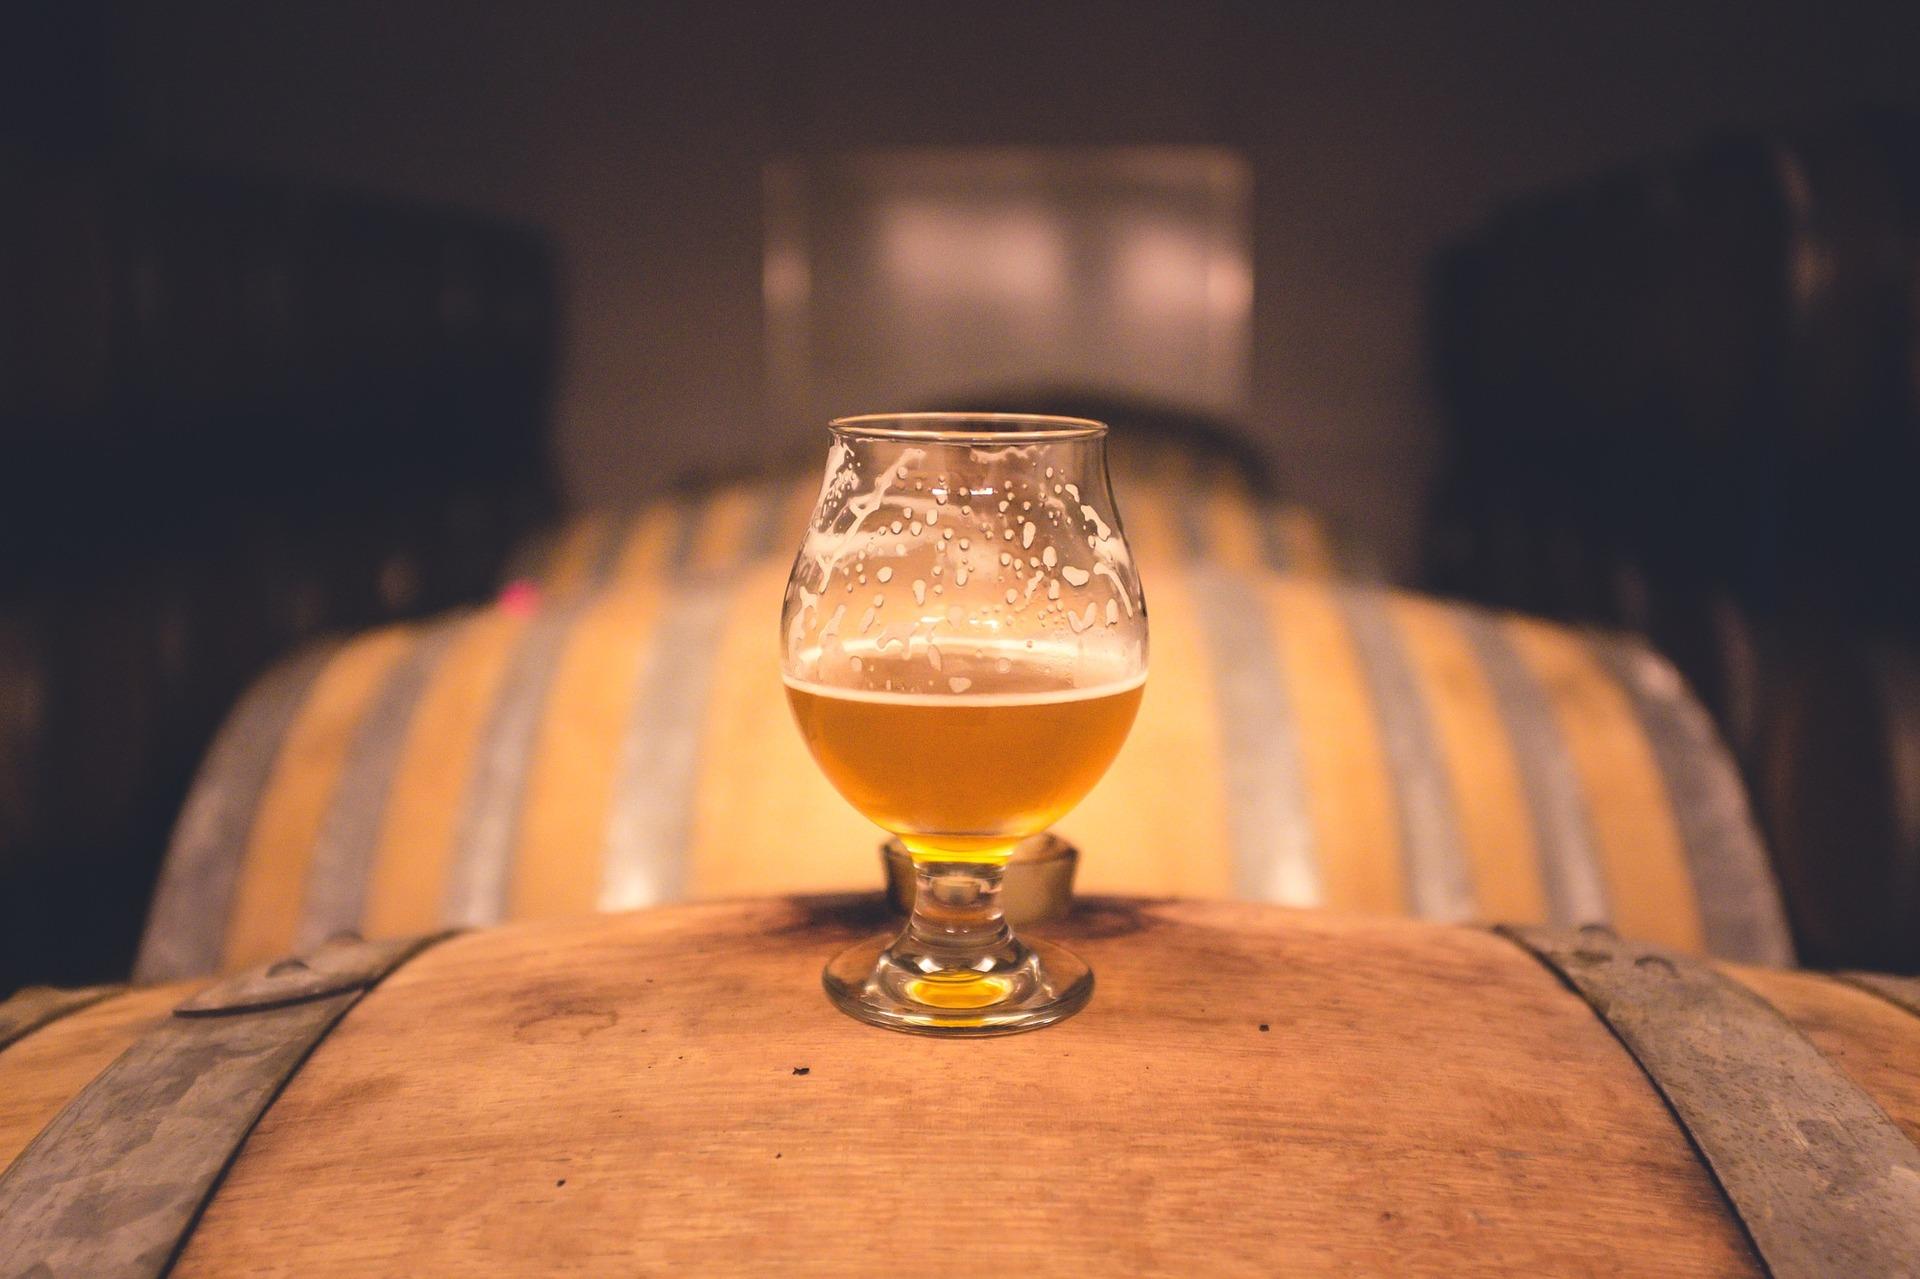 7eb4278e7 Guilherme De Rosso conta que existe uma infinidade de copos para cerveja,  cada um com a sua especificidade. O copo mais comum é o Pilsener, como o  próprio ...